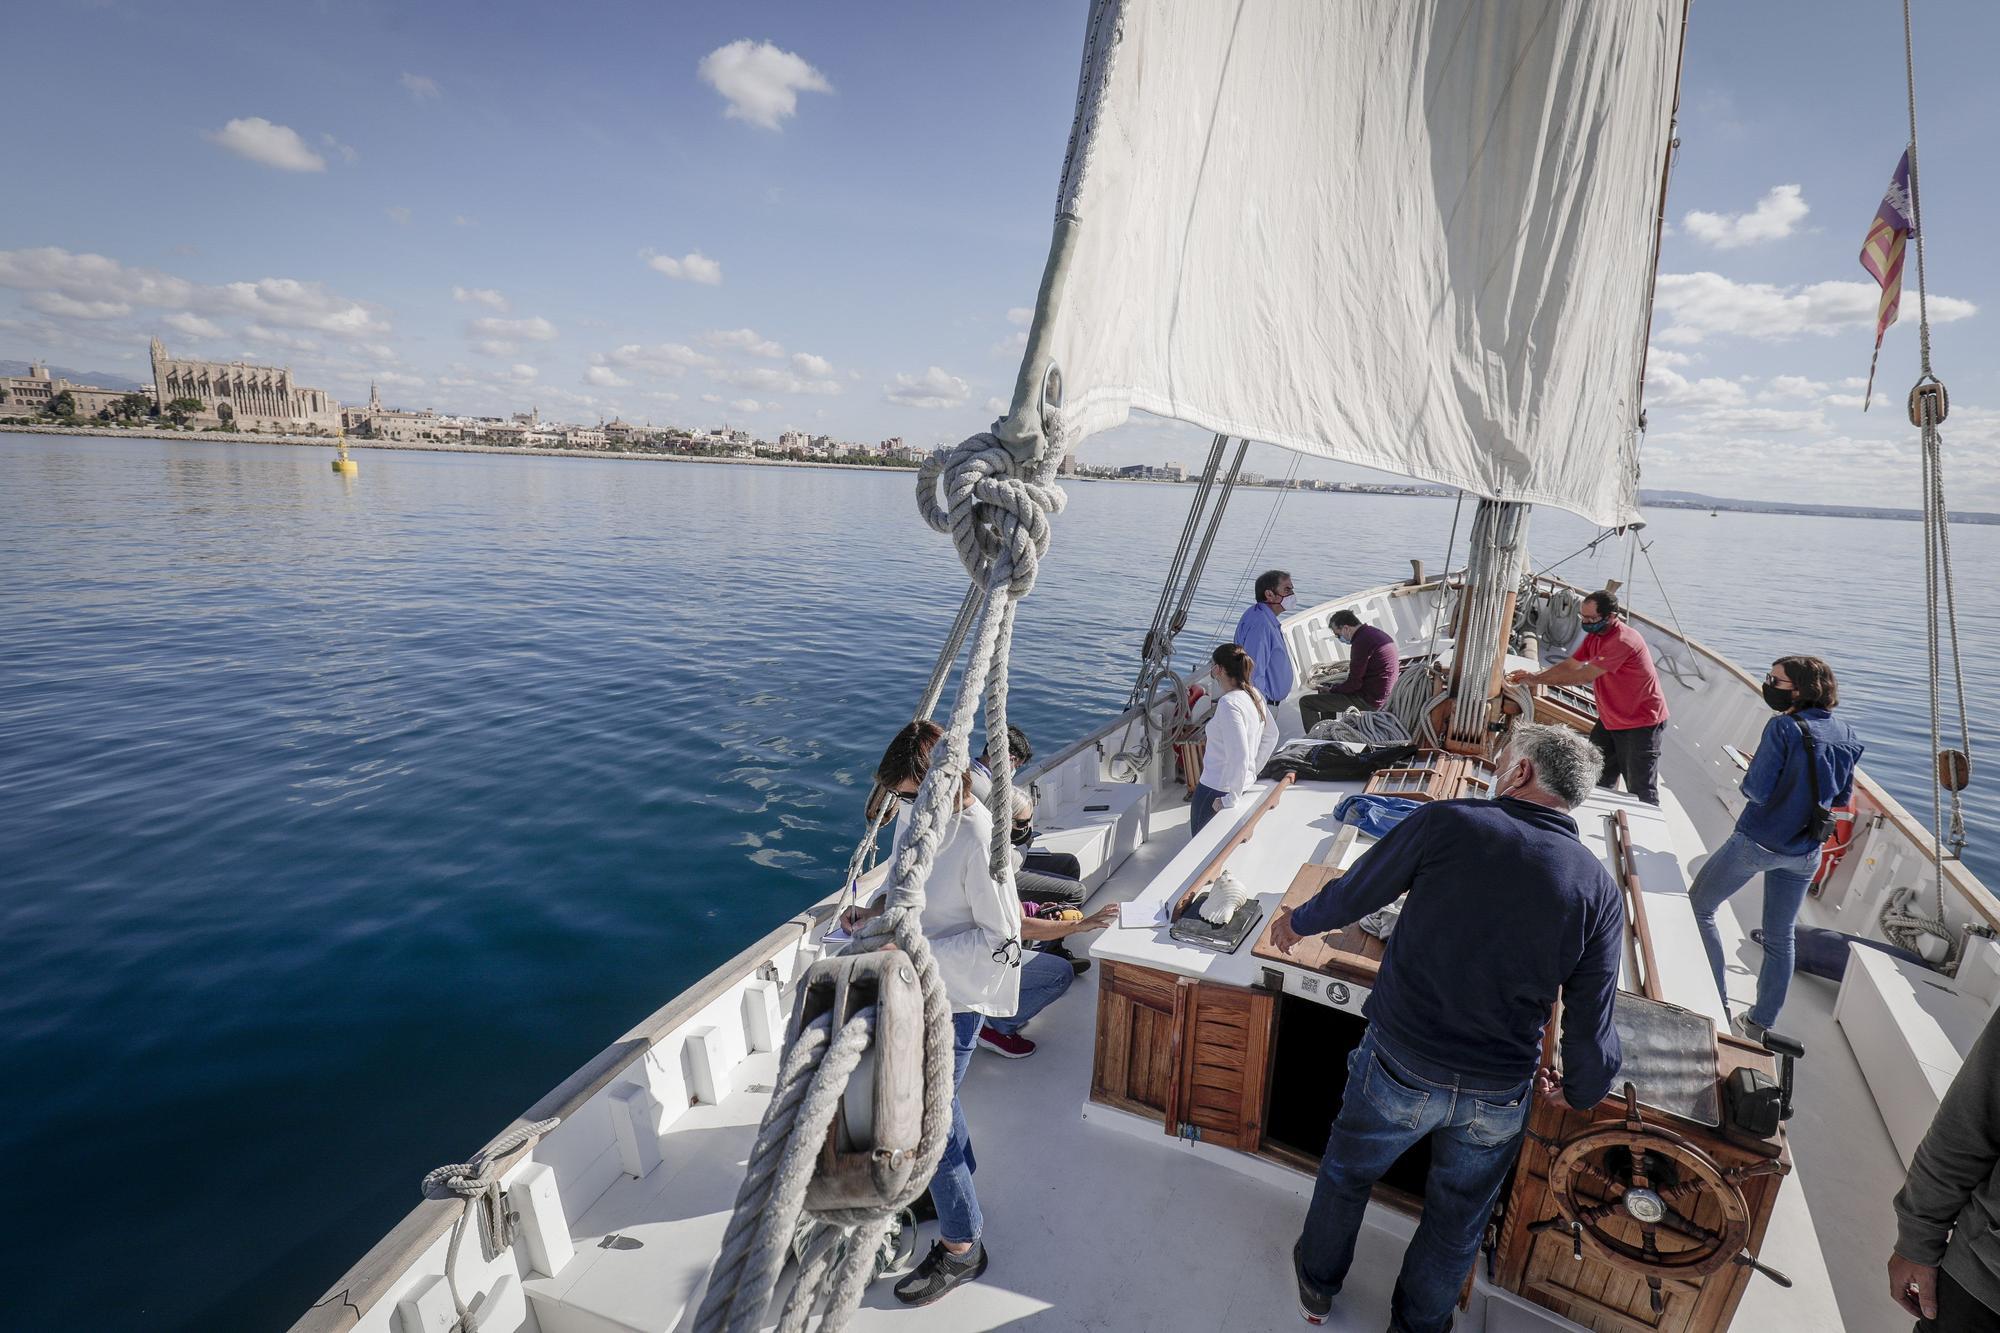 ¿Quieres navegar a bordo de la Balear por la bahía de Palma